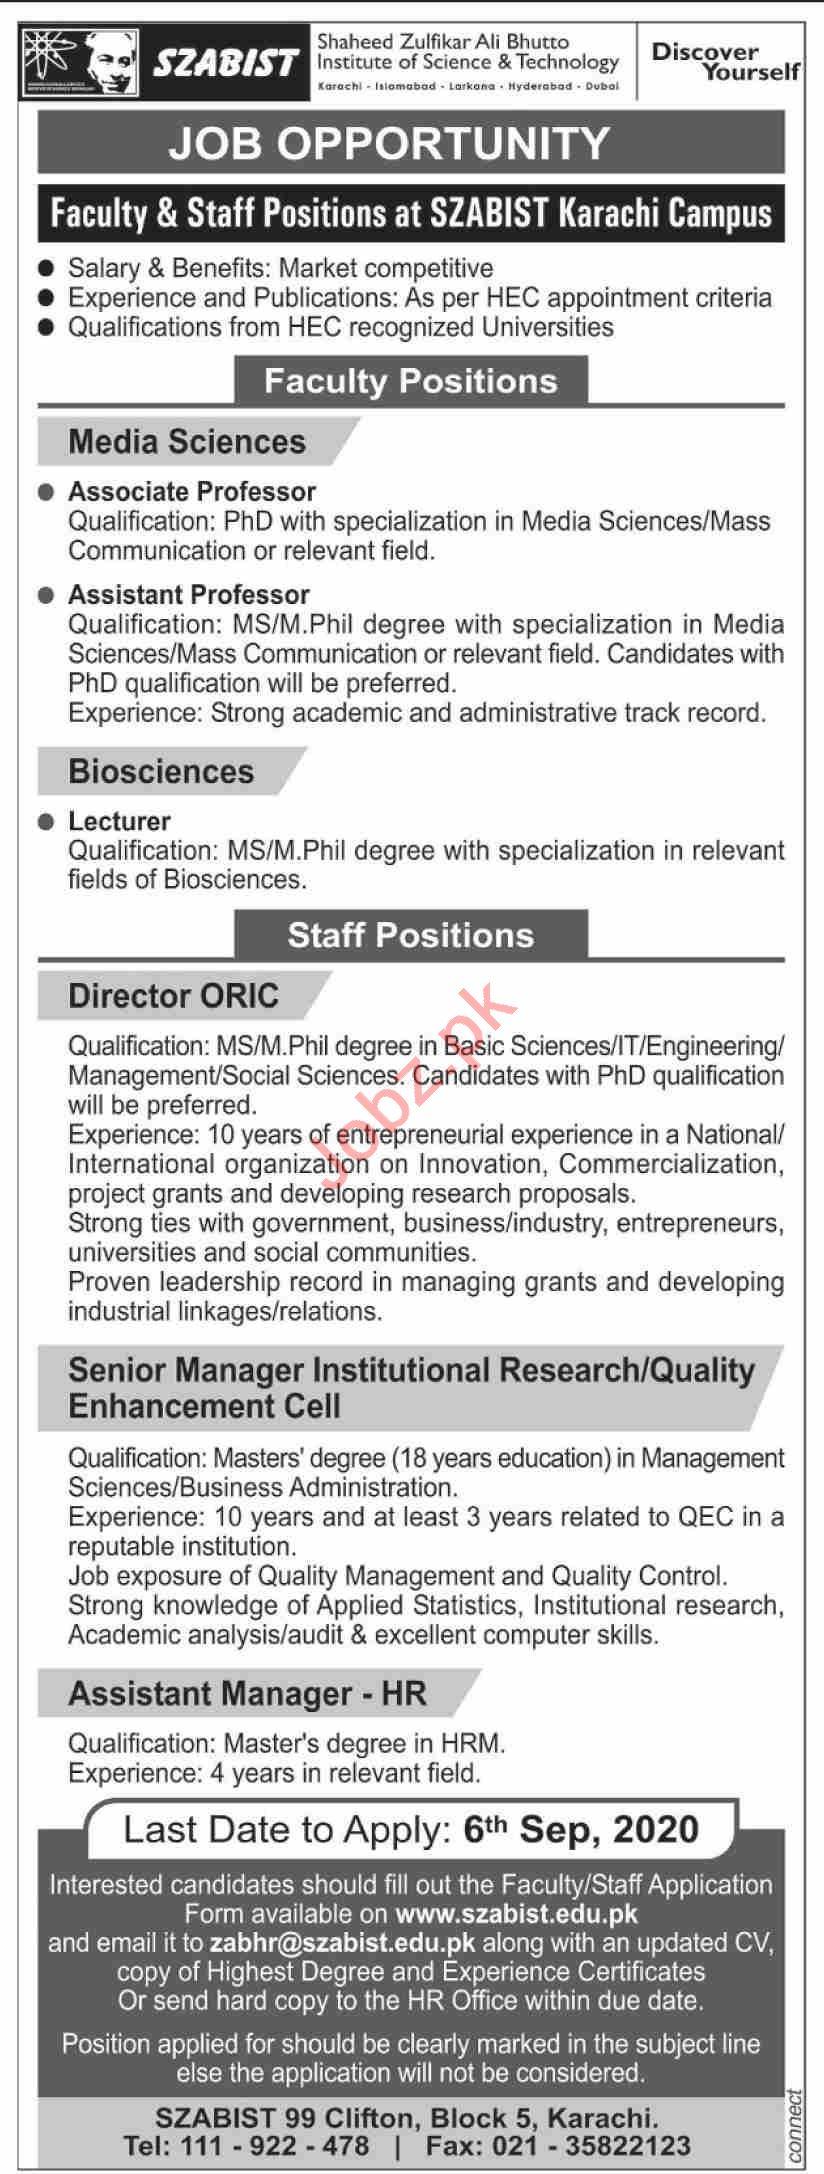 SZABIST University Karachi Campus Jobs 2020